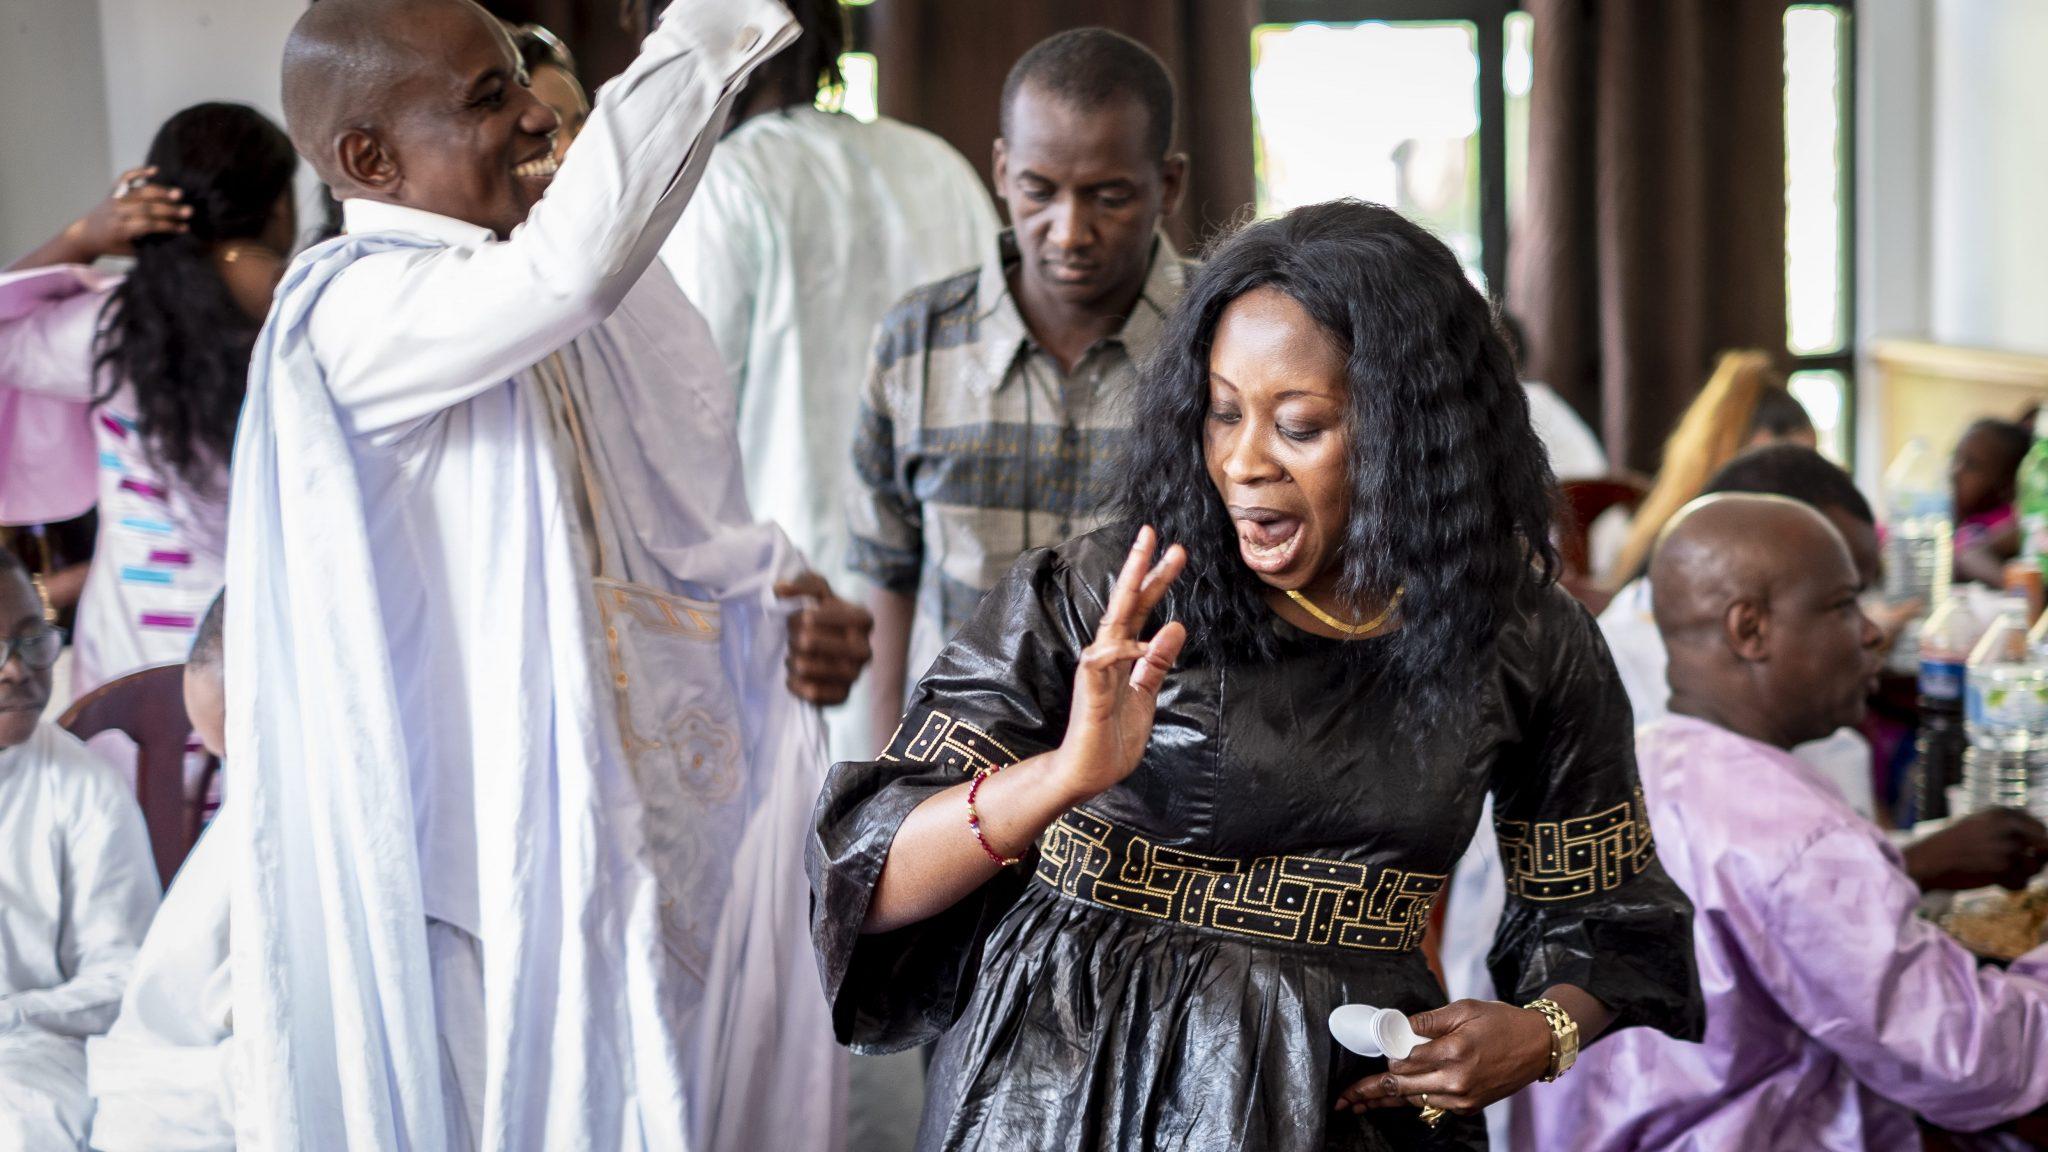 una donna di origine africana balla divertita tra gli invitati della festa